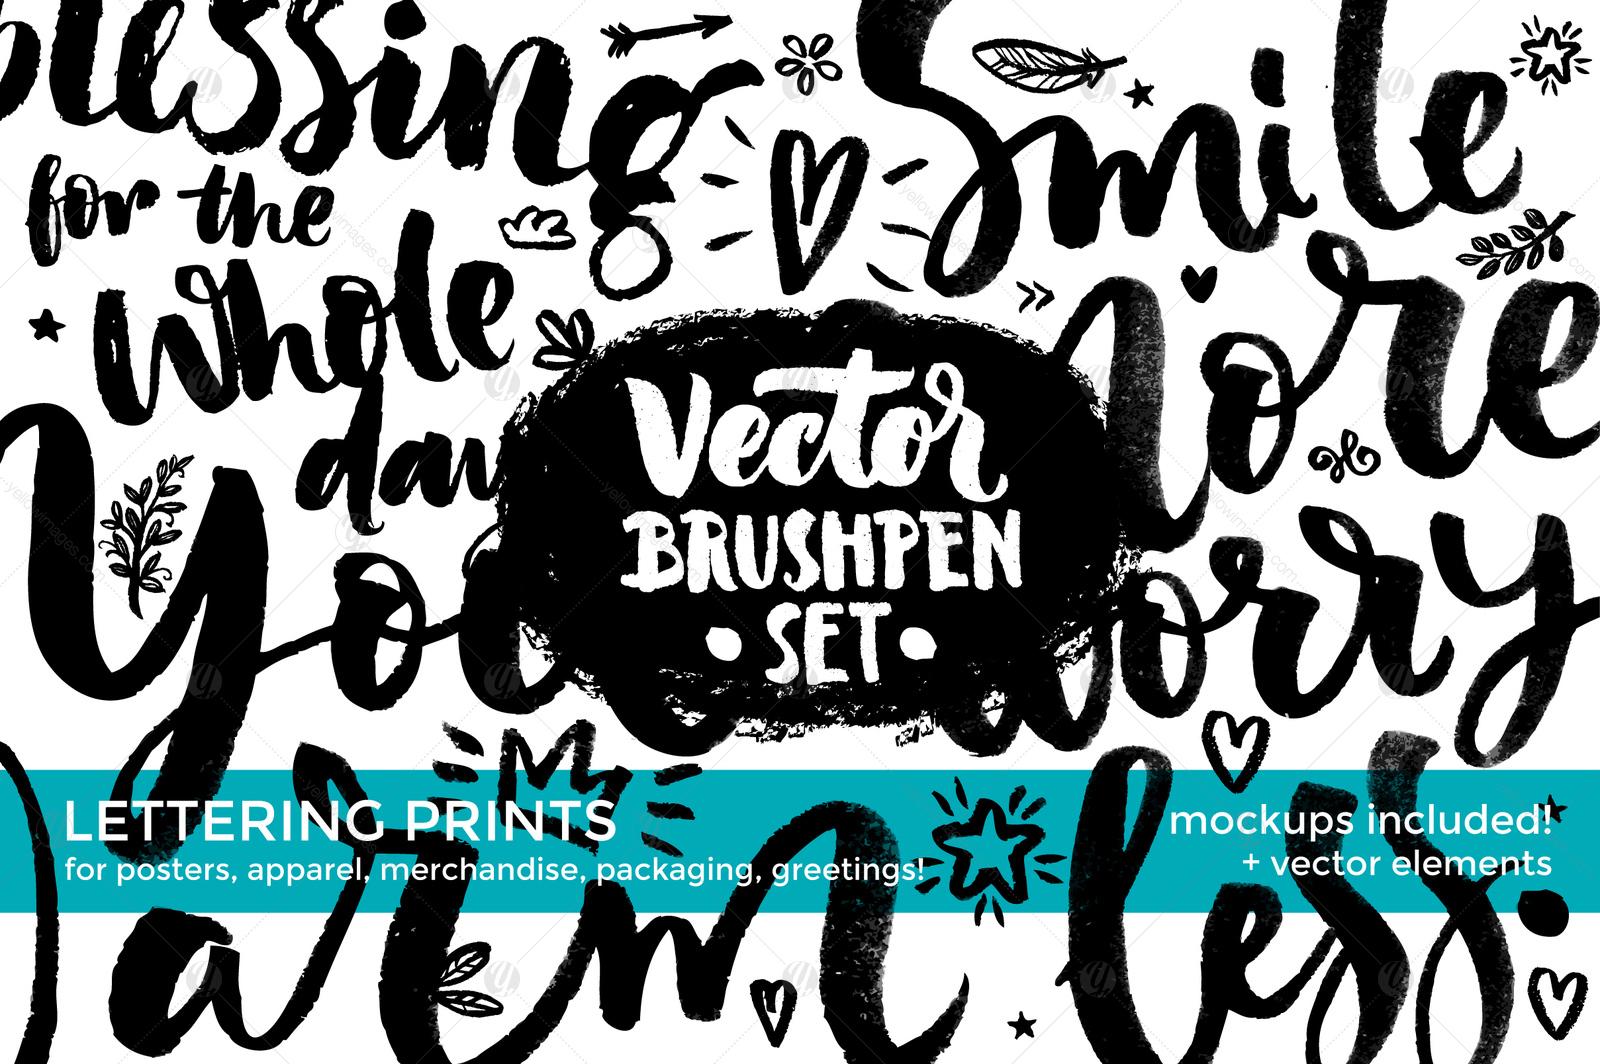 Vector Brushpen Set